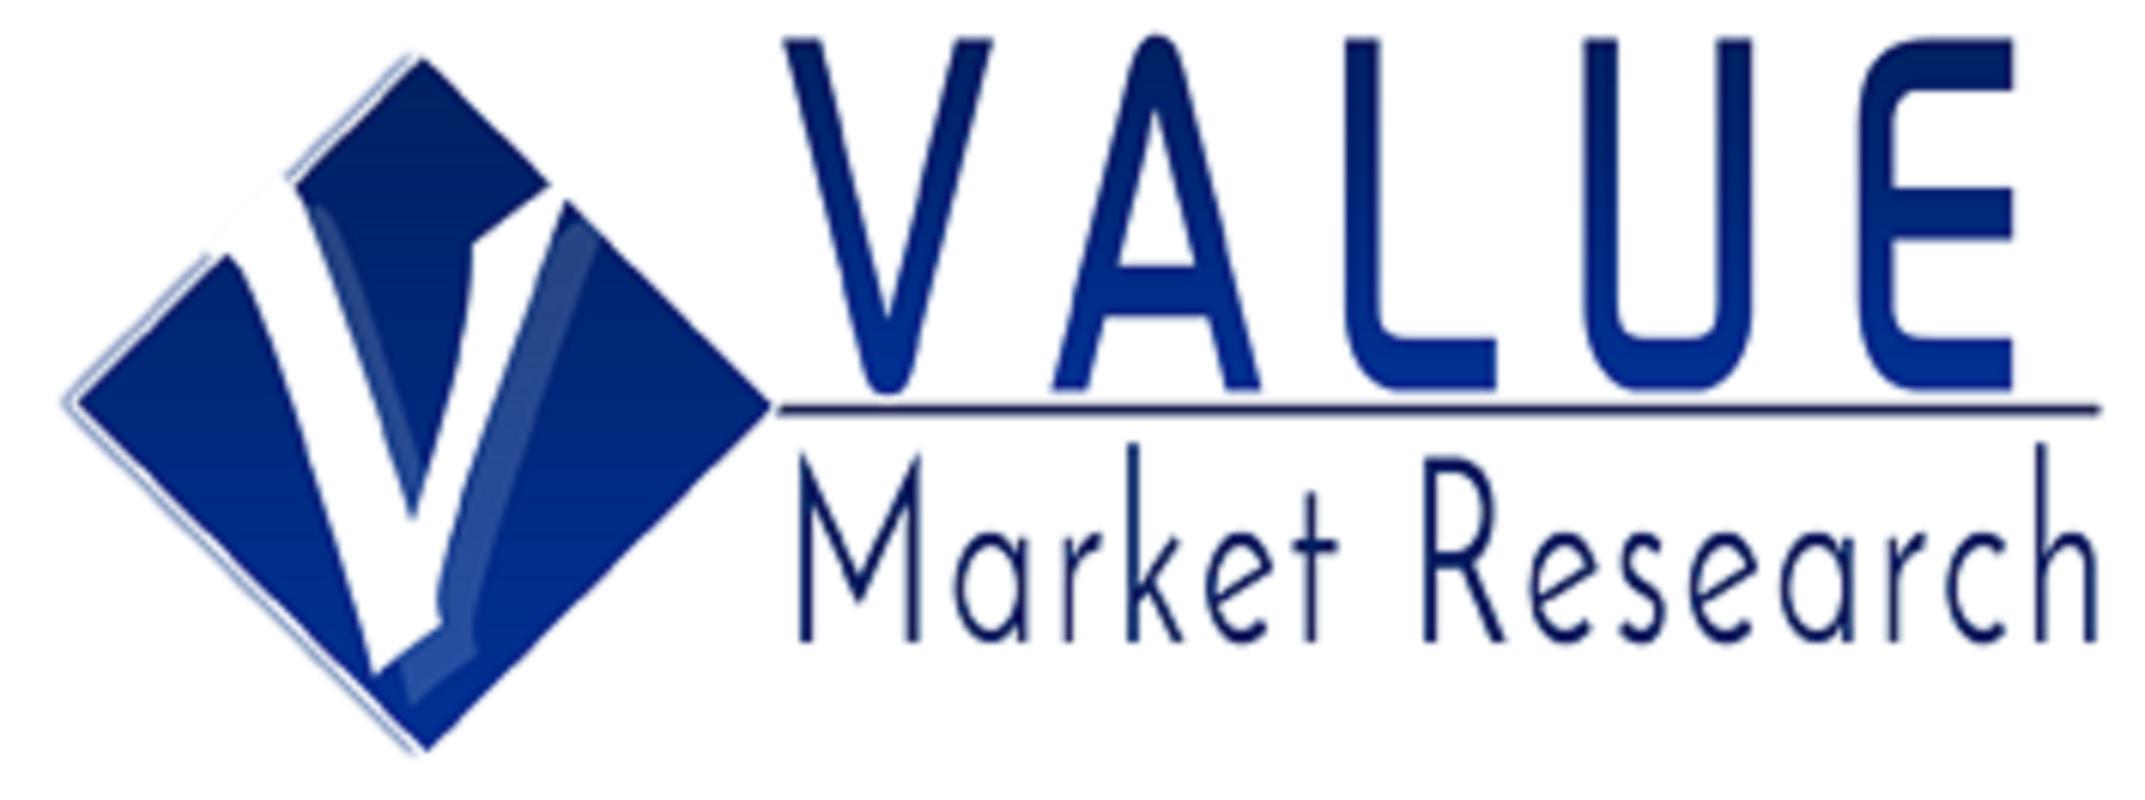 Informe mercado VTOL UAV del tipo, uso, tamaño, capacidad de carga y Regional análisis 2018-2025